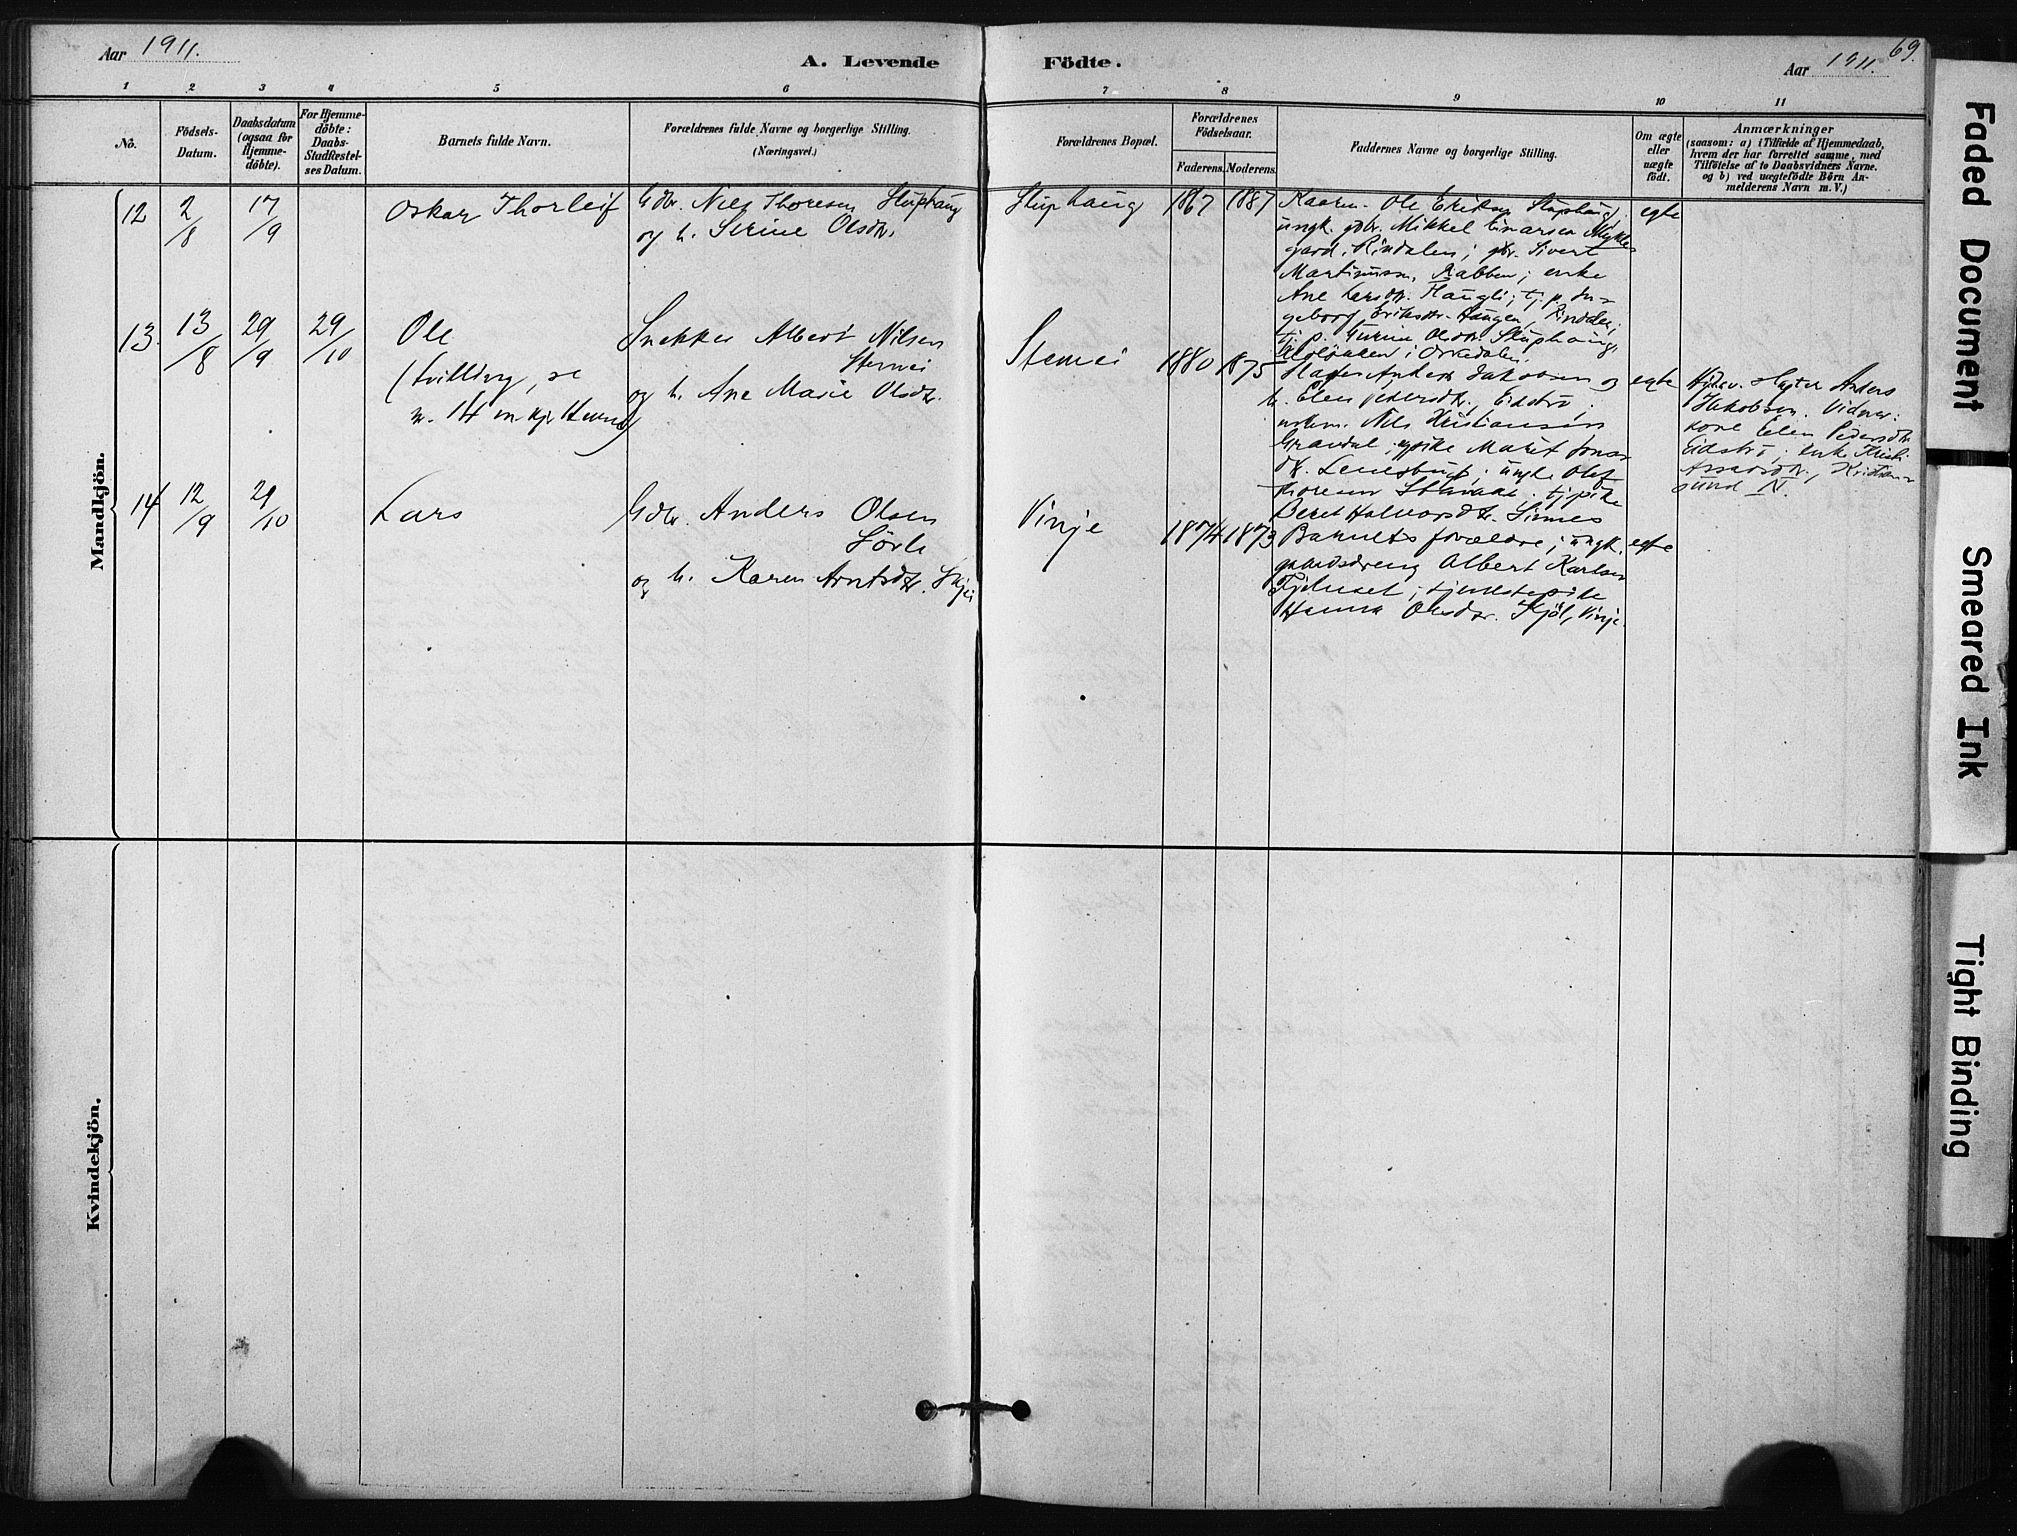 SAT, Ministerialprotokoller, klokkerbøker og fødselsregistre - Sør-Trøndelag, 631/L0512: Ministerialbok nr. 631A01, 1879-1912, s. 69